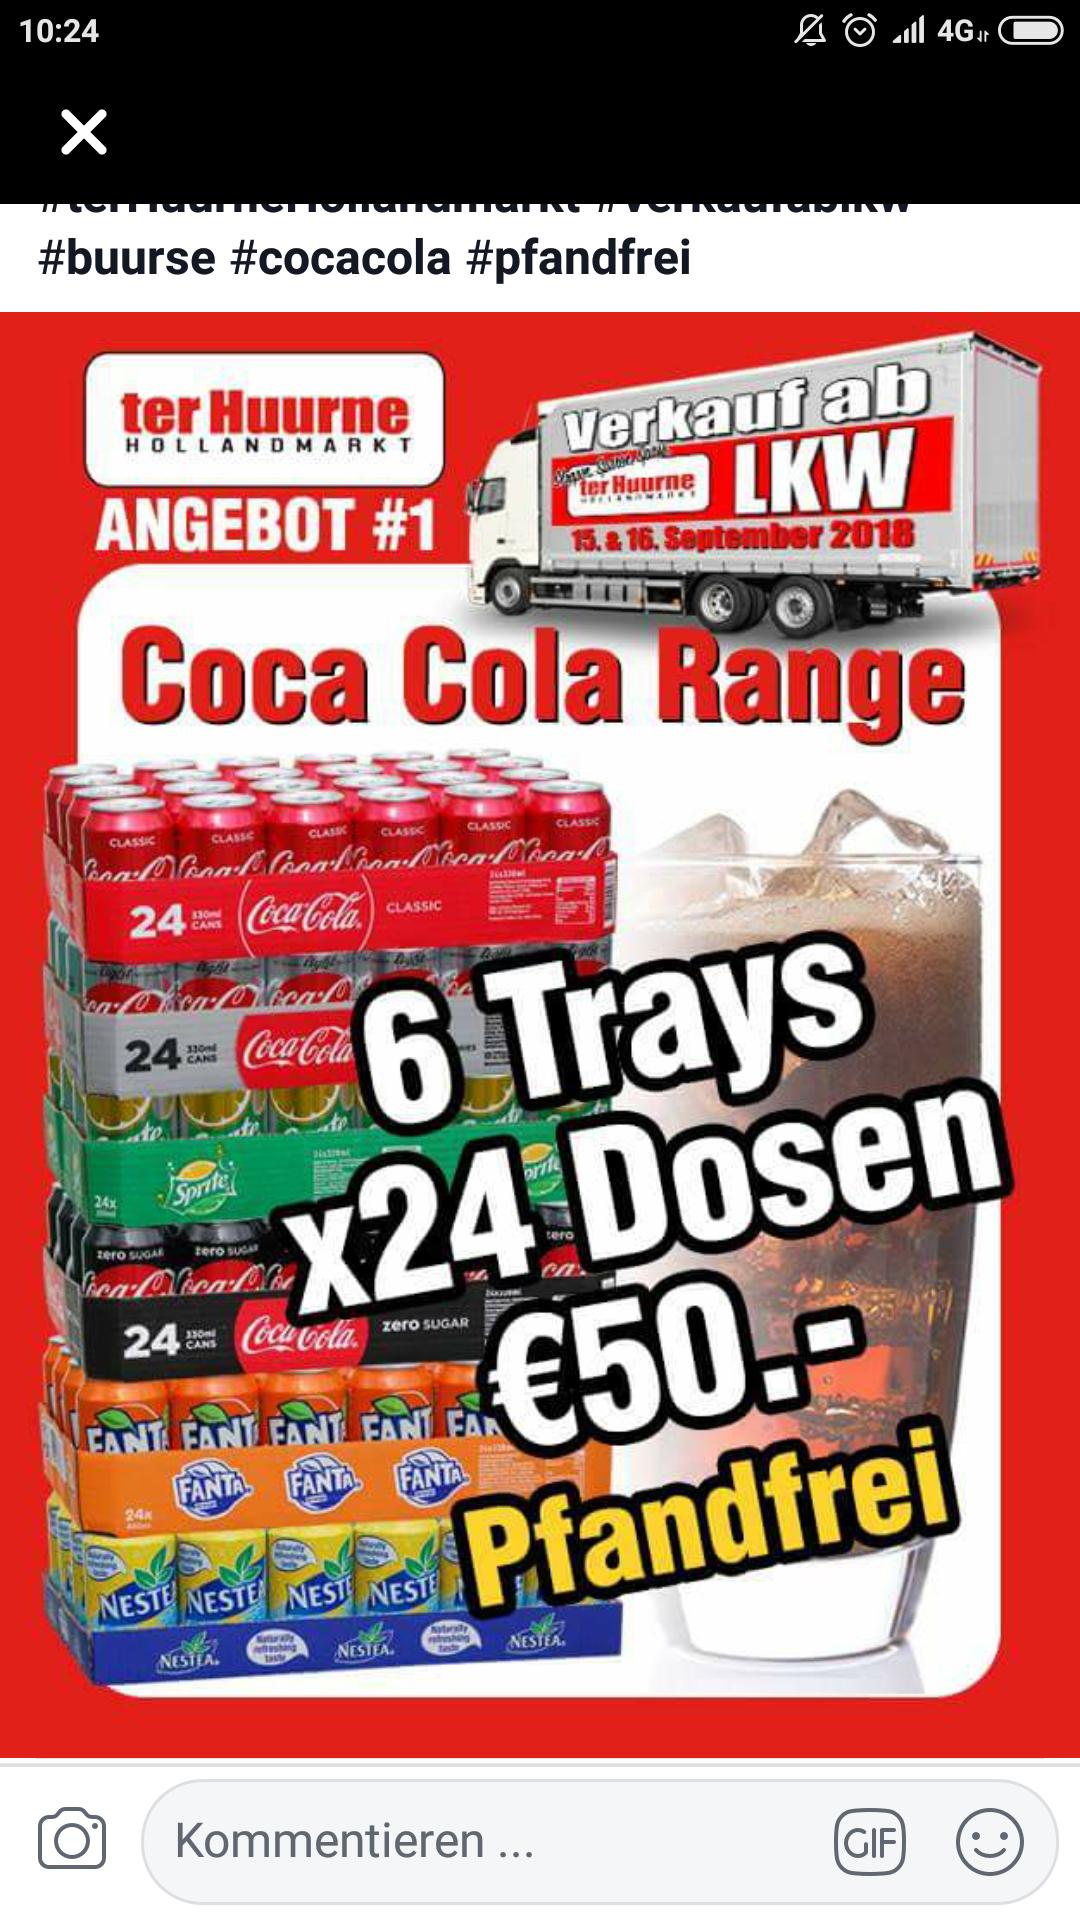 144x Dosen Cola, Fanta, Nestea - Pfandfrei - Verkauf ab LKW